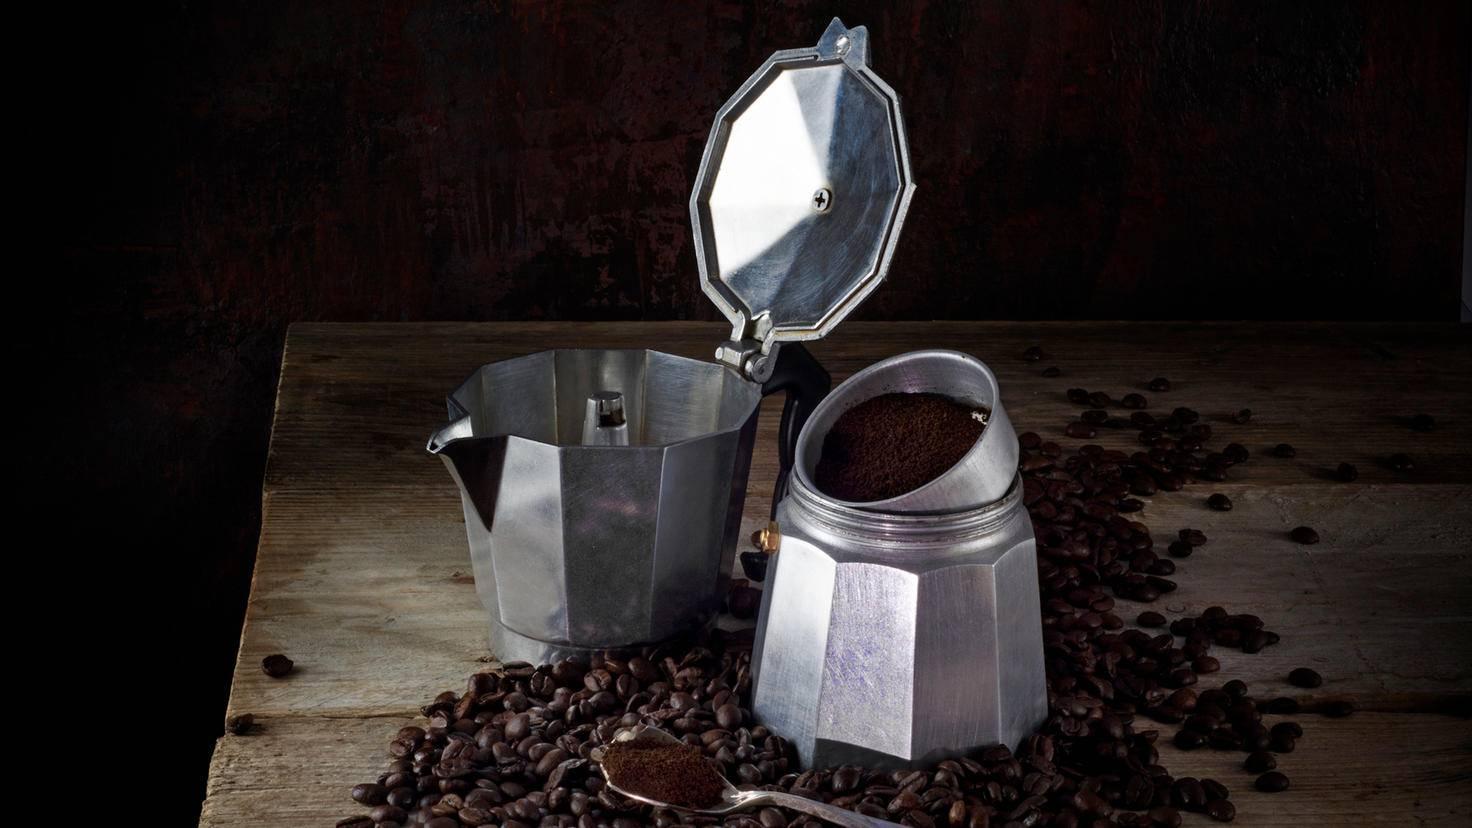 Der Espressokocher besteht aus der Kanne, dem Kessel und einem Trichtereinsatz.